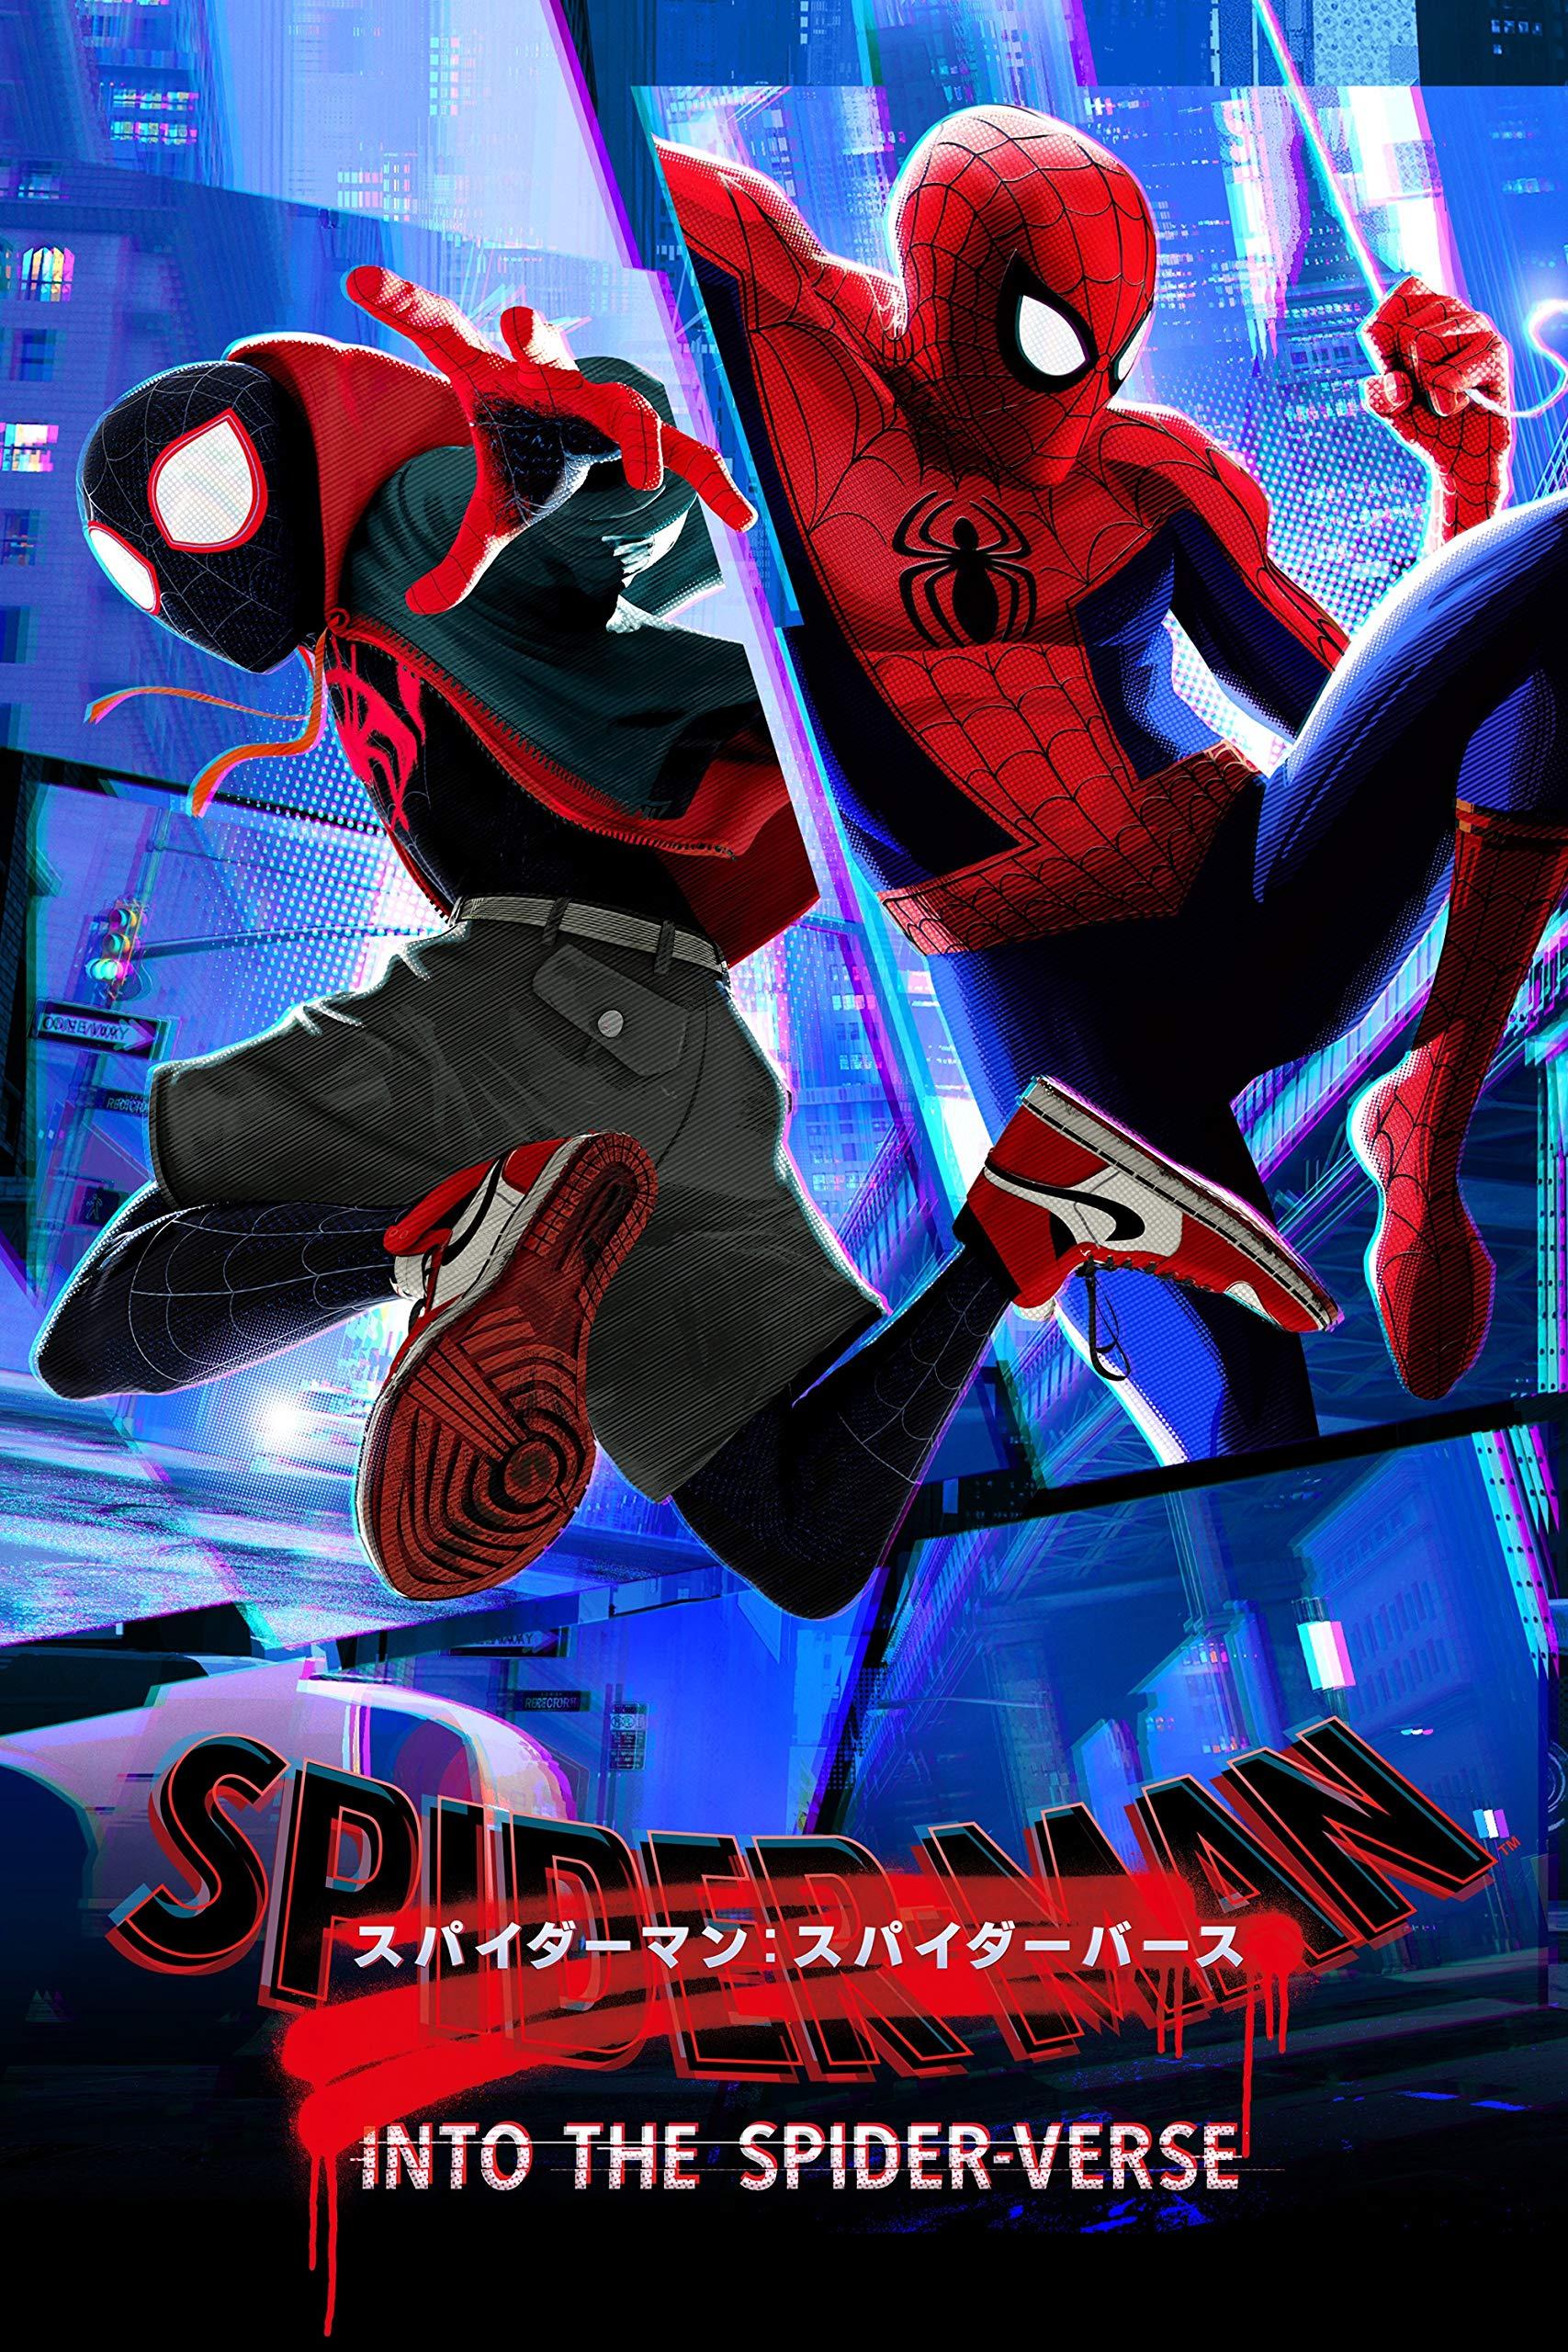 Amazon Co Jp スパイダーマン スパイダーバース 吹替版 リーヴ